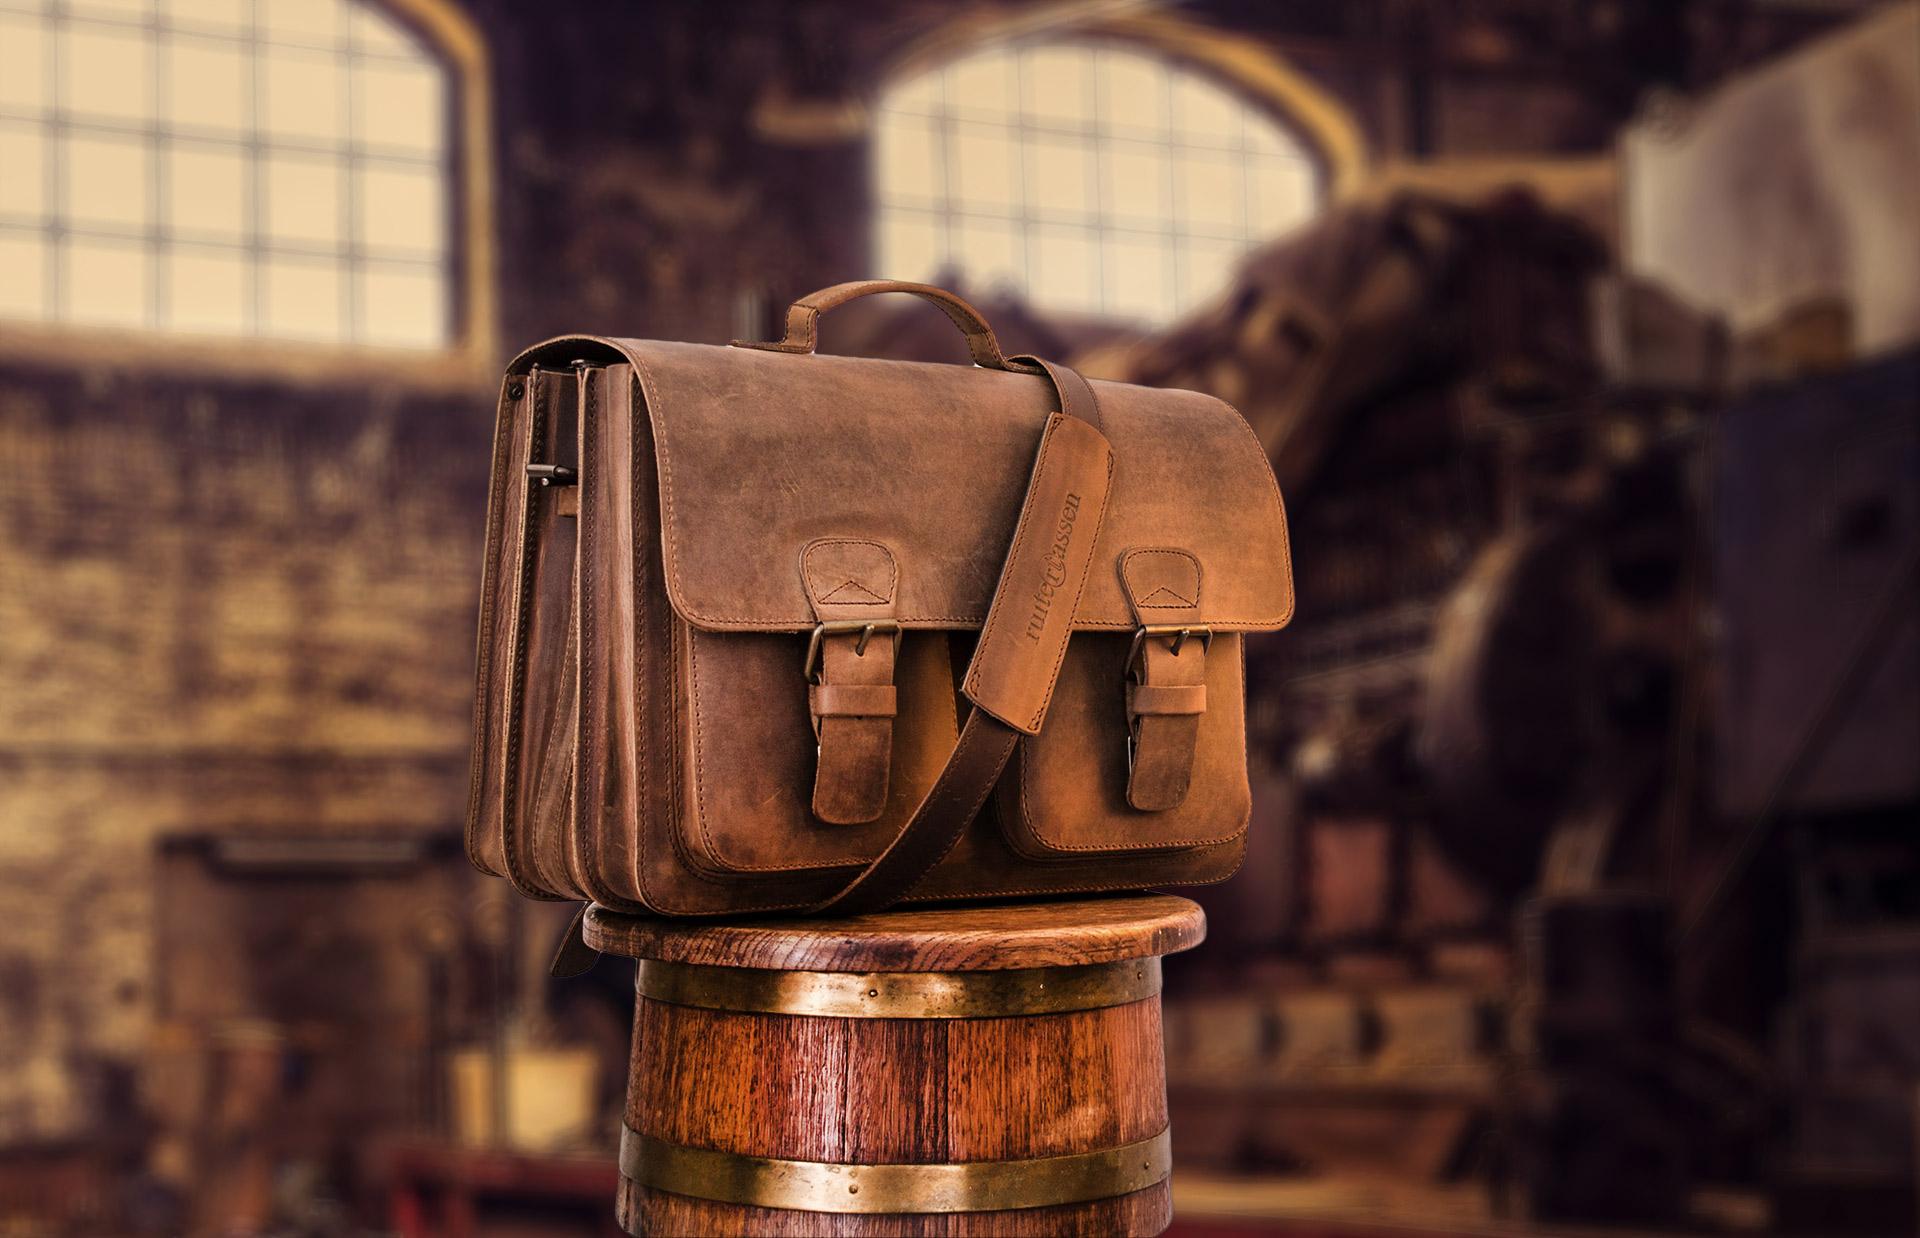 Cartable artisanal en cuir dans un atelier.